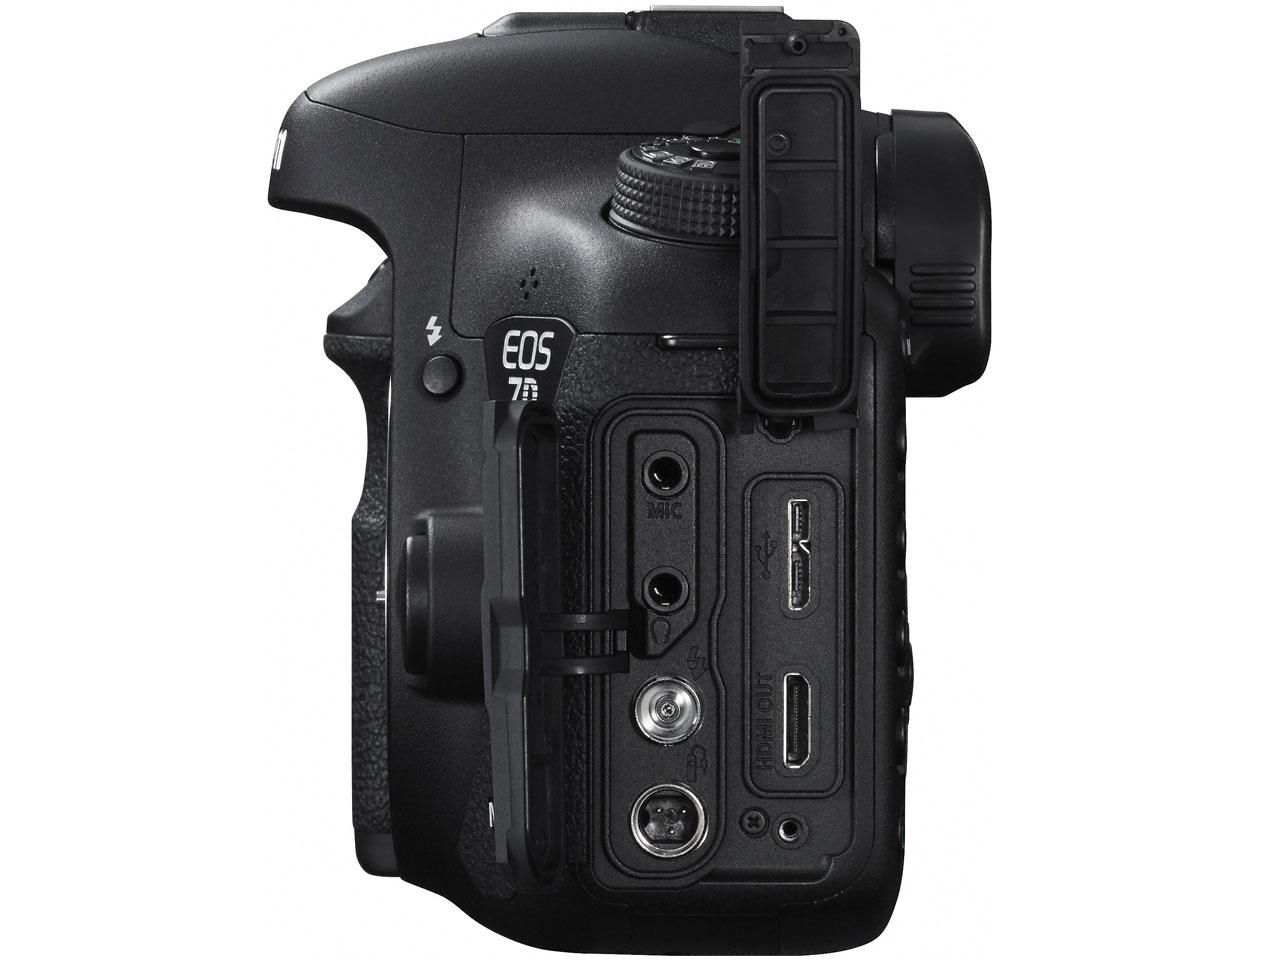 『本体 右側面2』 EOS 7D Mark II ボディ の製品画像